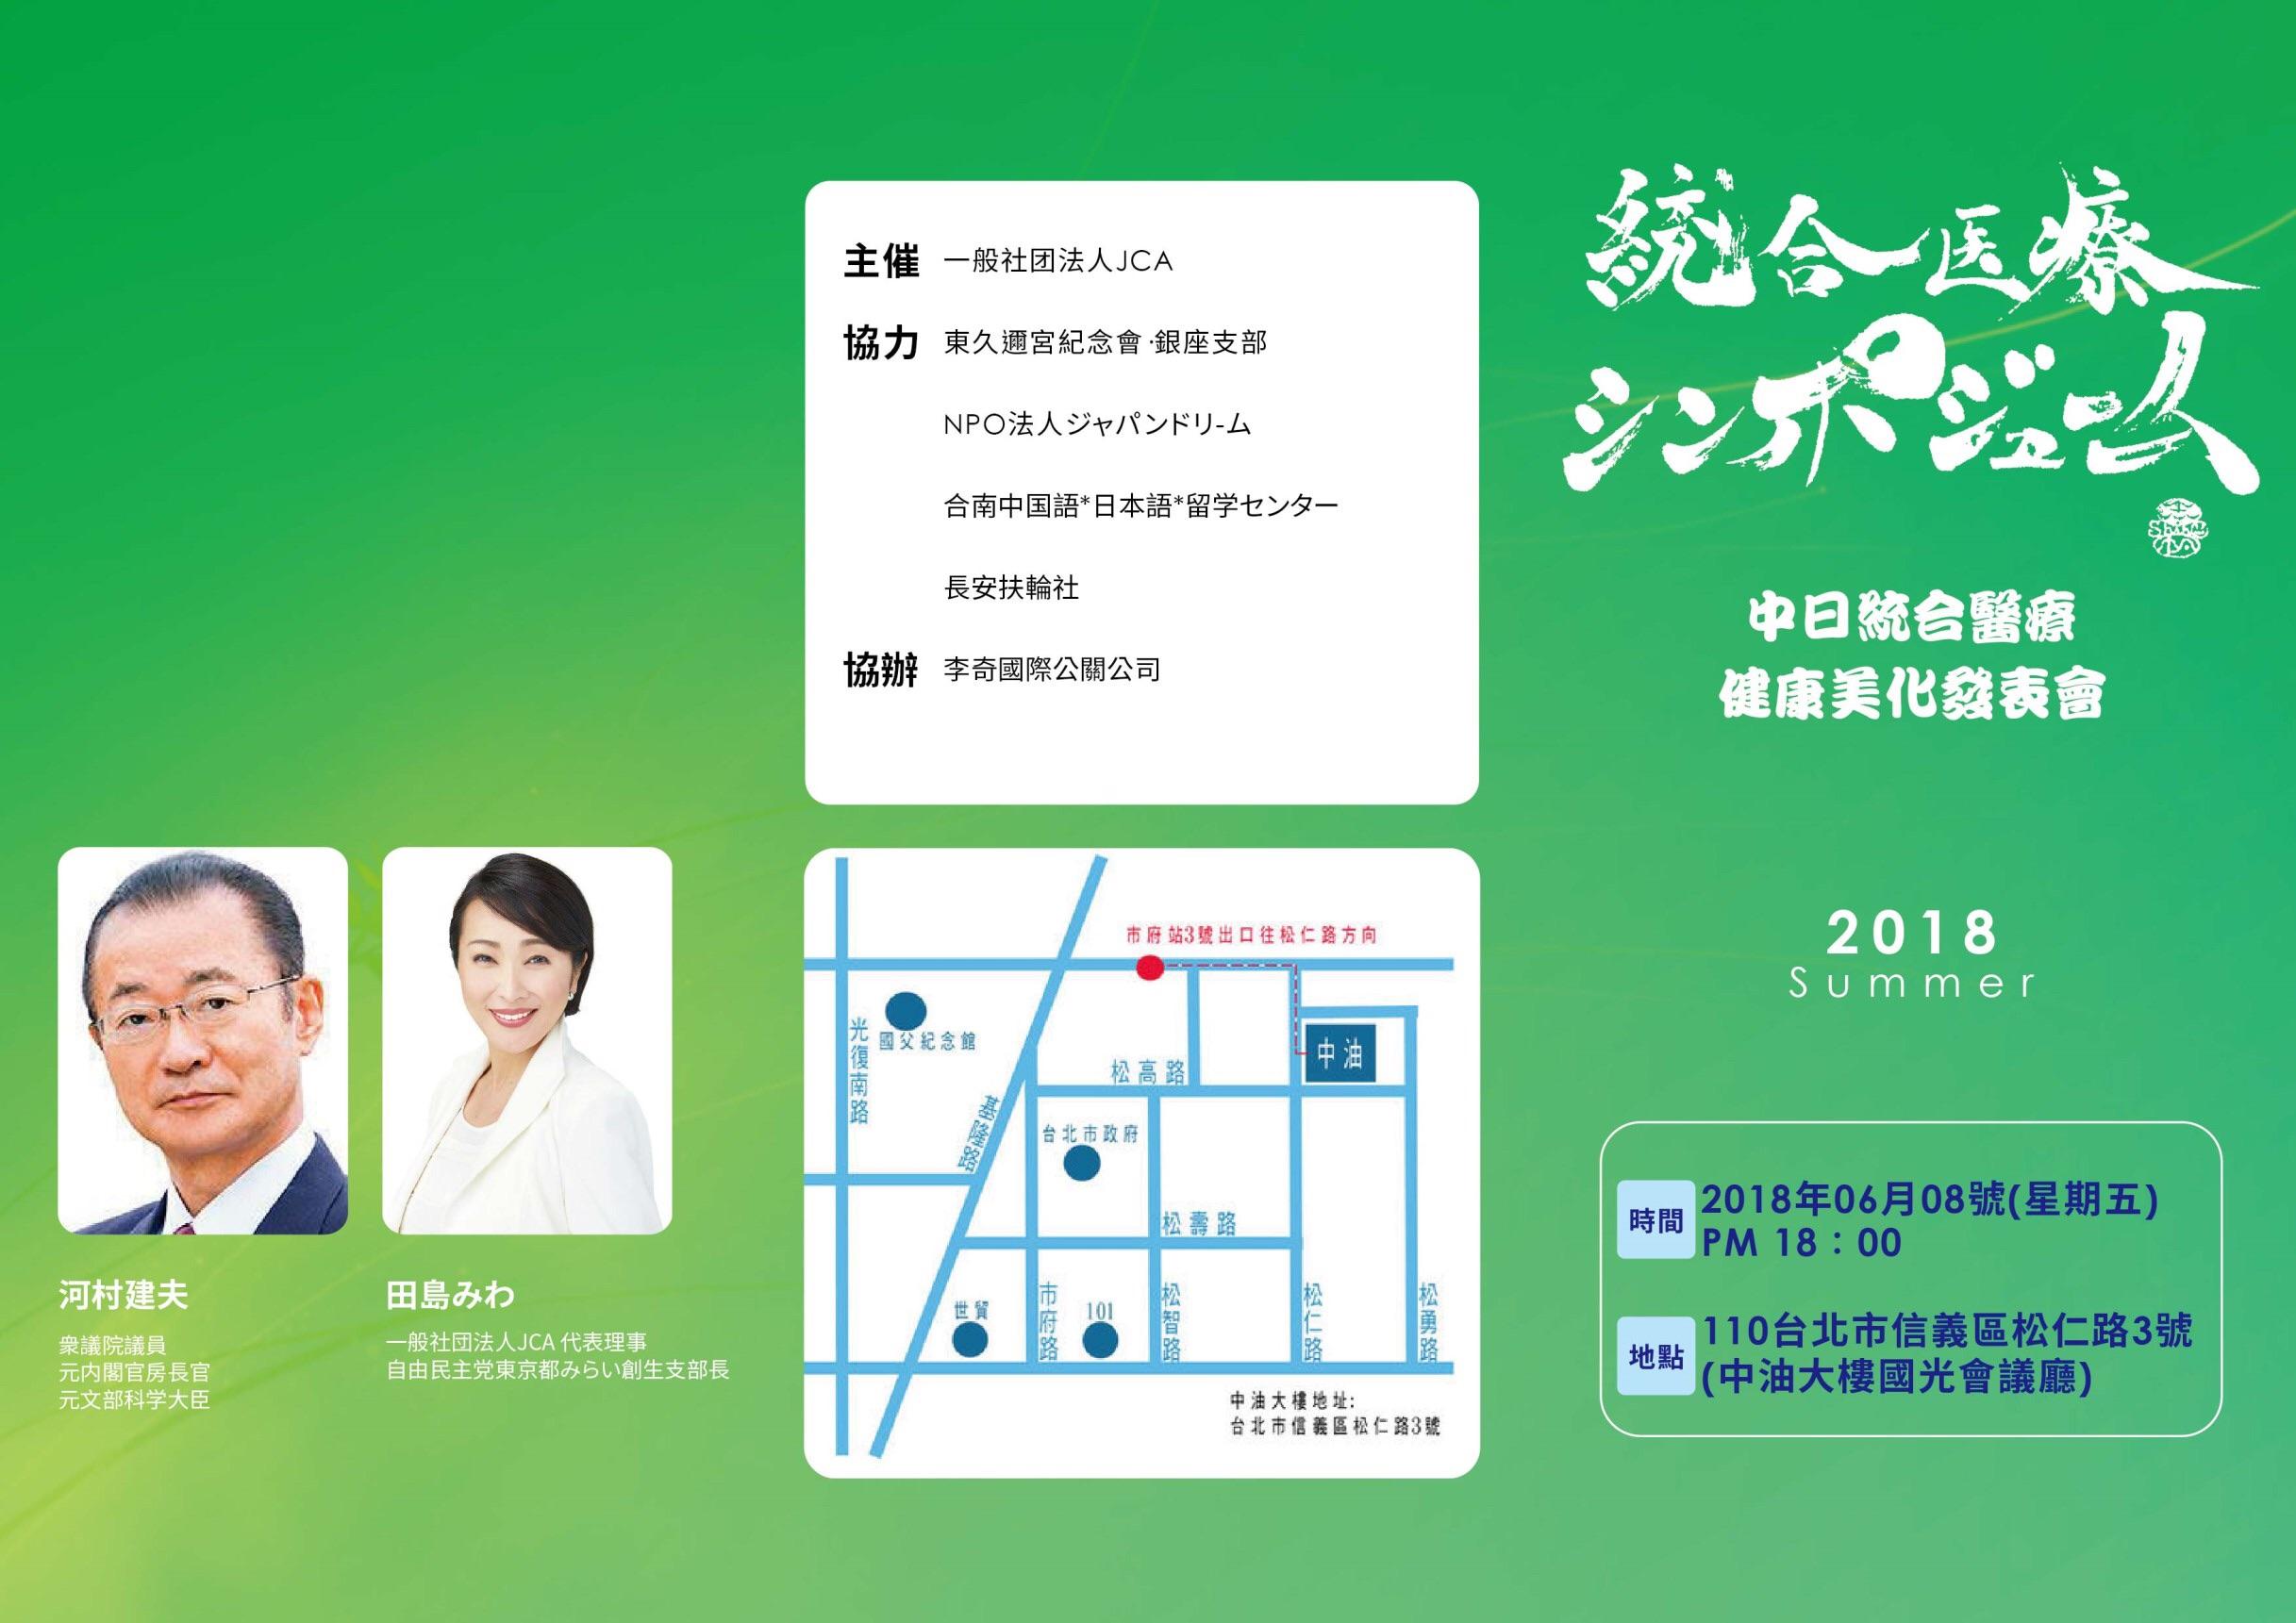 主辦方是日本JCA社團法人